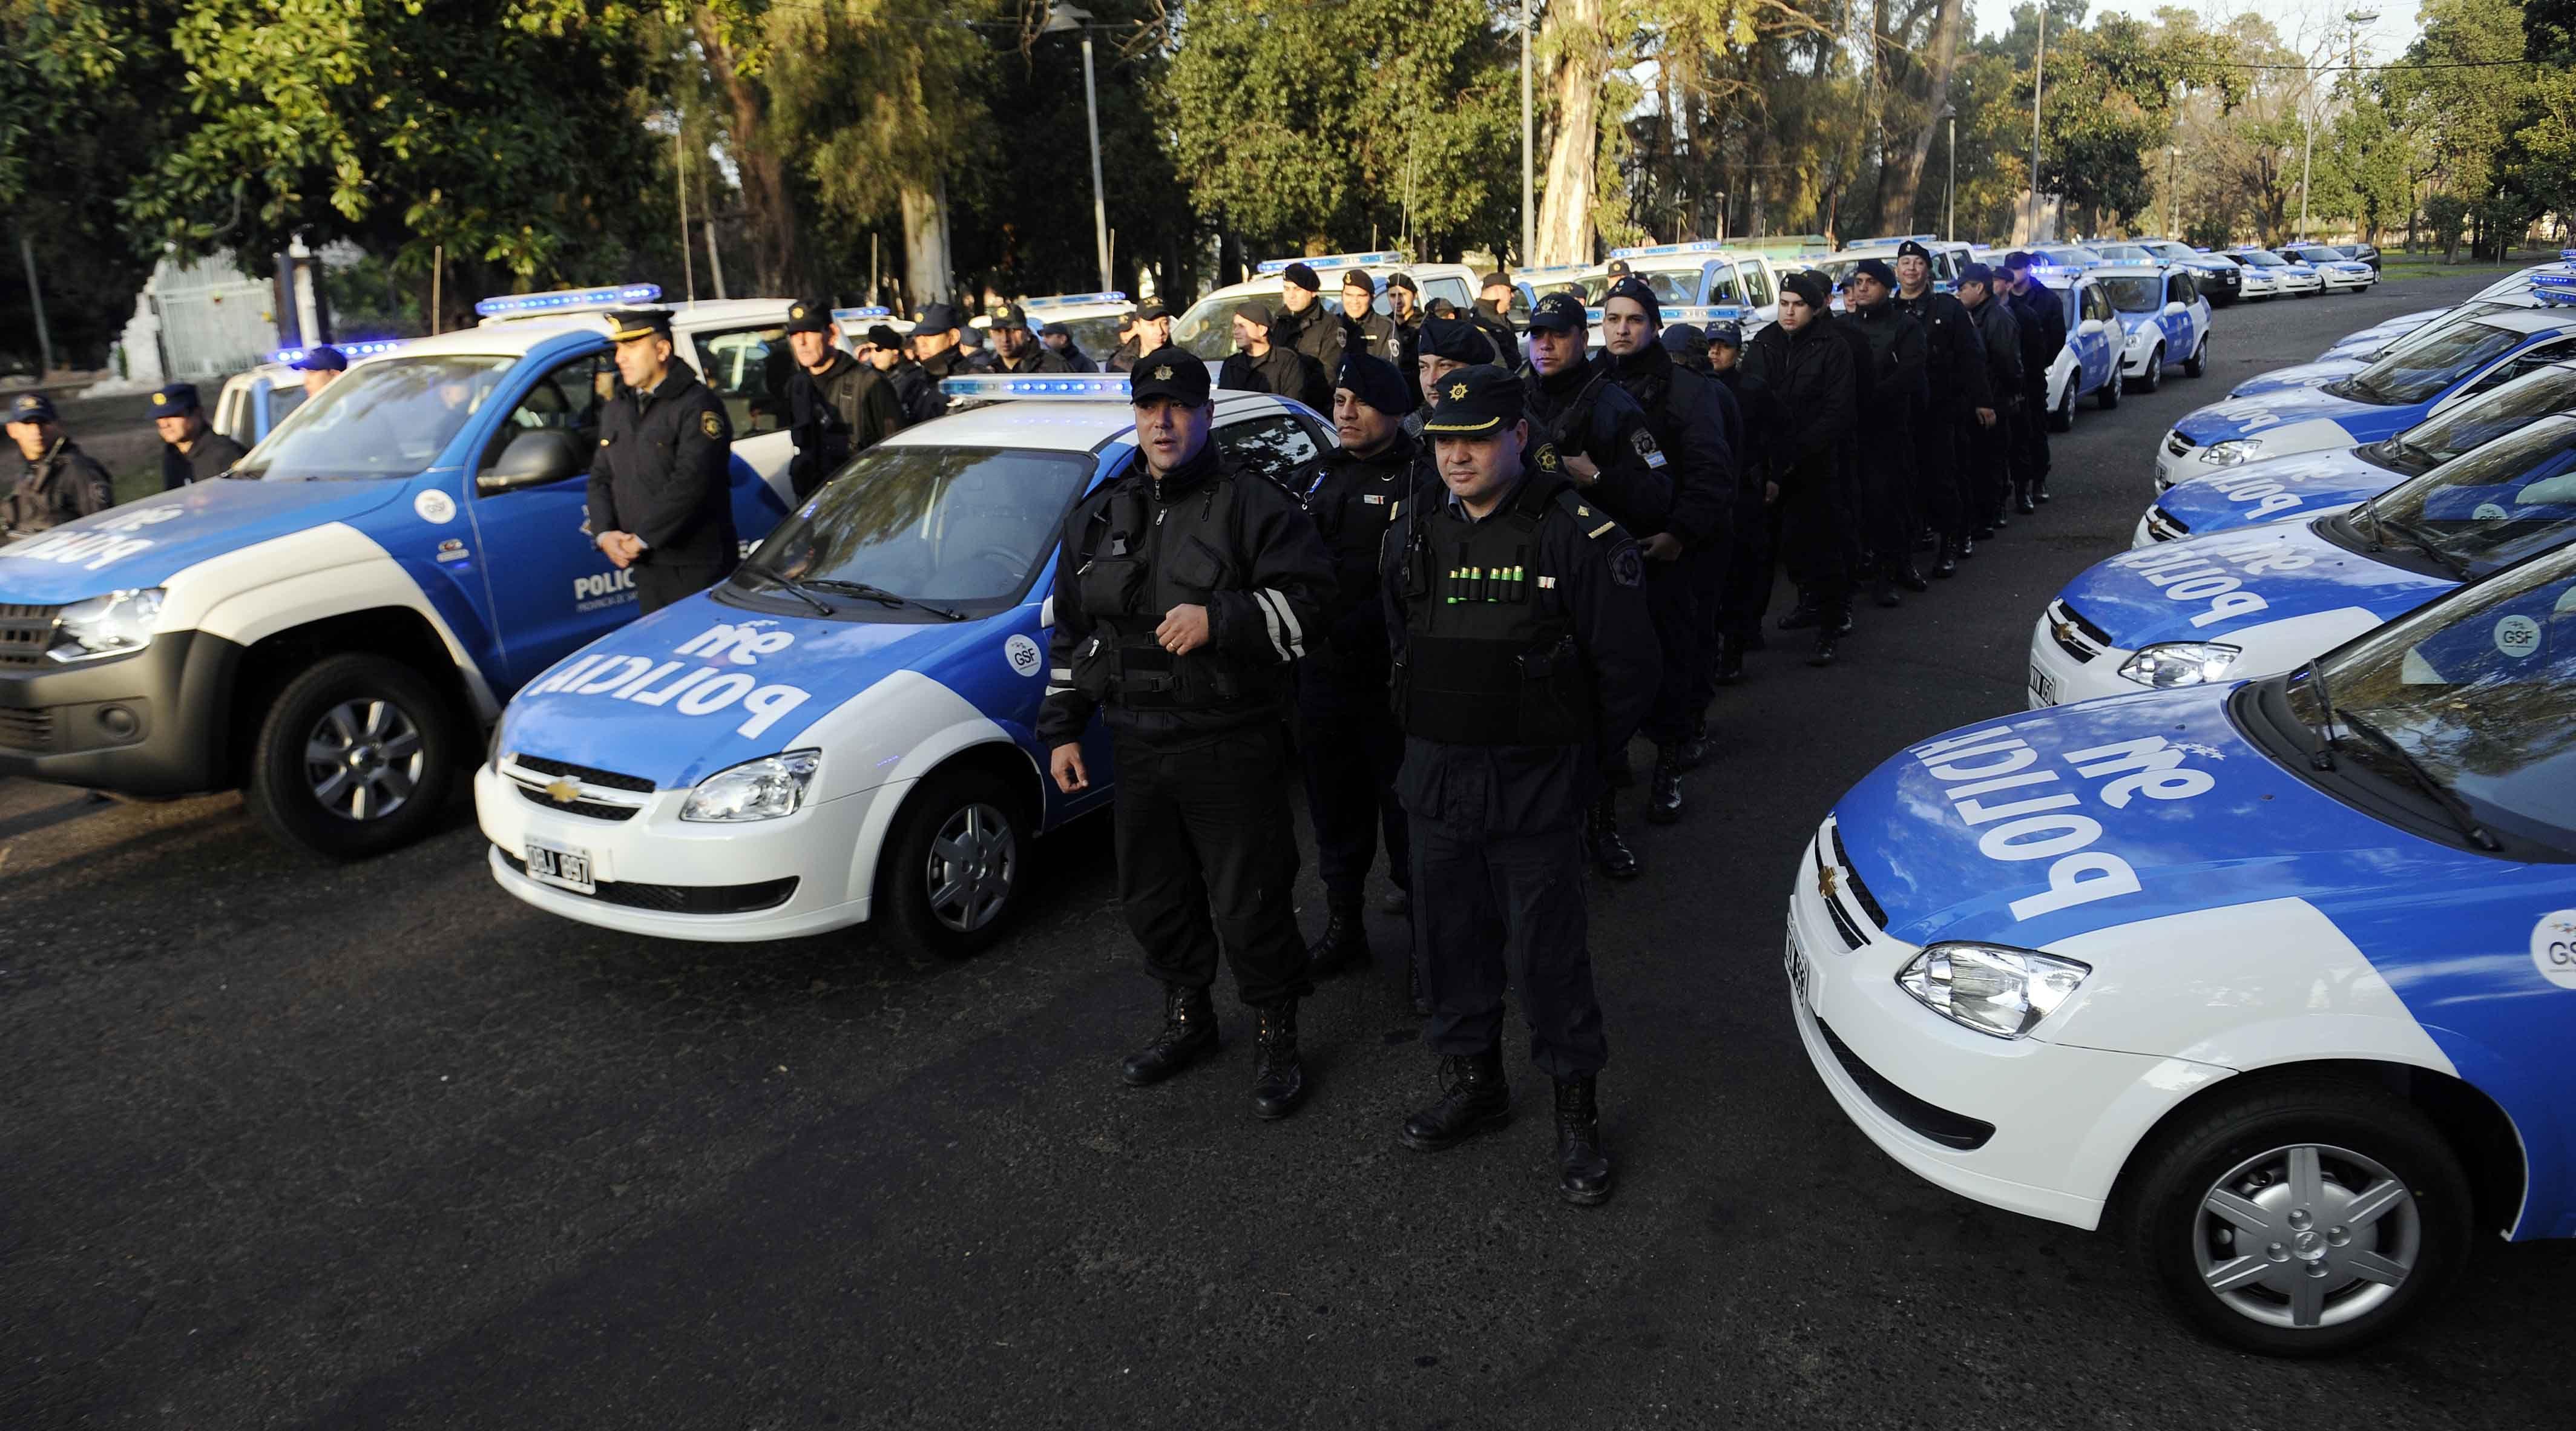 La provincia incorporó nuevas unidades policiales que no siempre cumplen sus asignaciones de patrullaje.